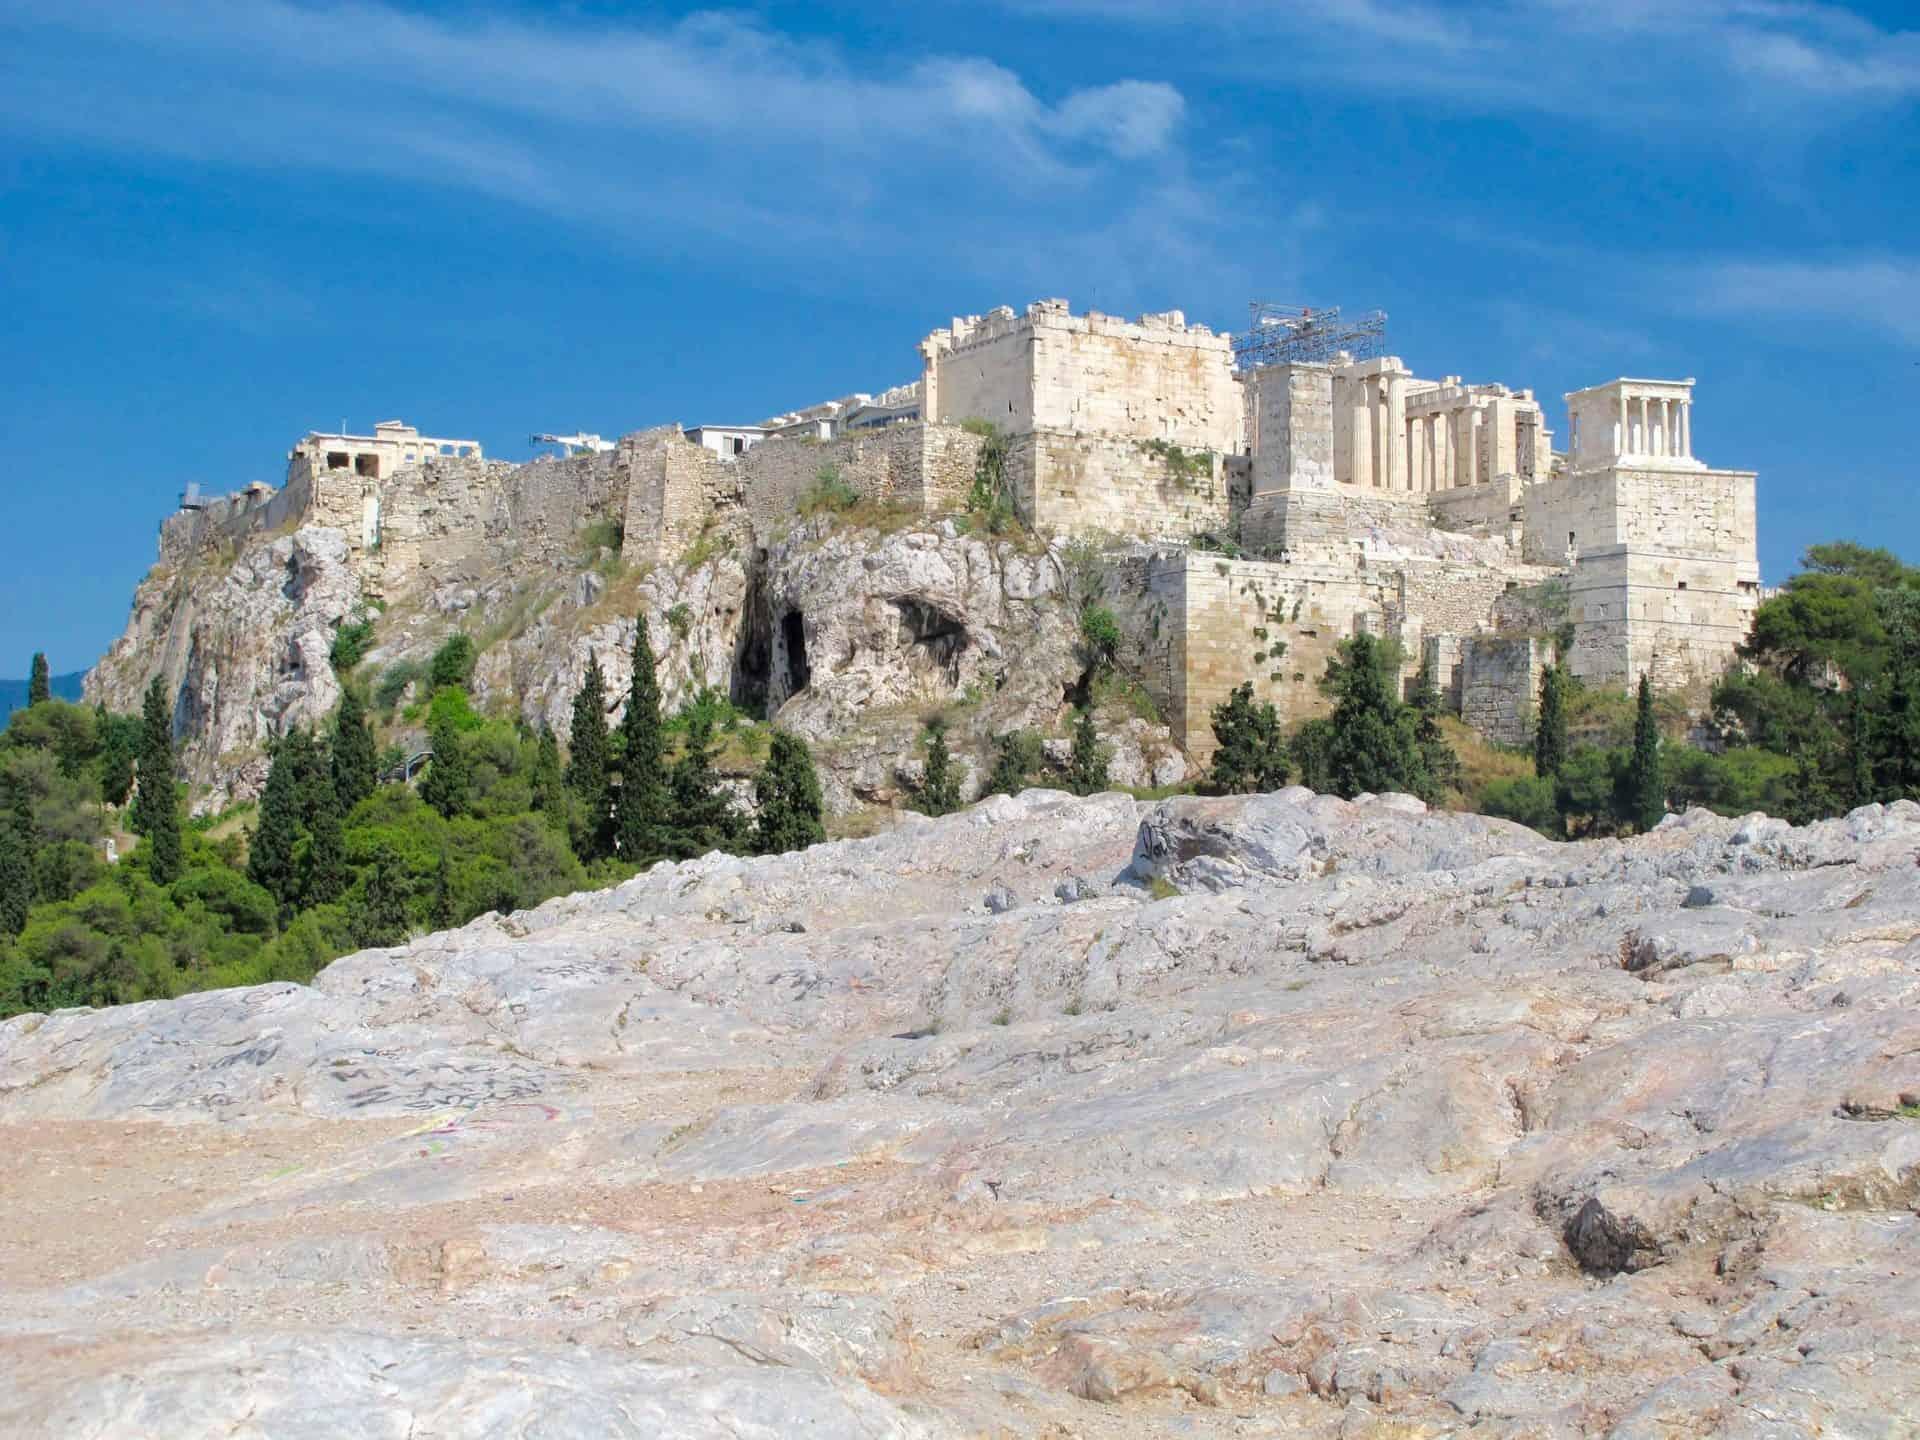 athens_acropolis6-Areopagus-37.97231, 23.72335